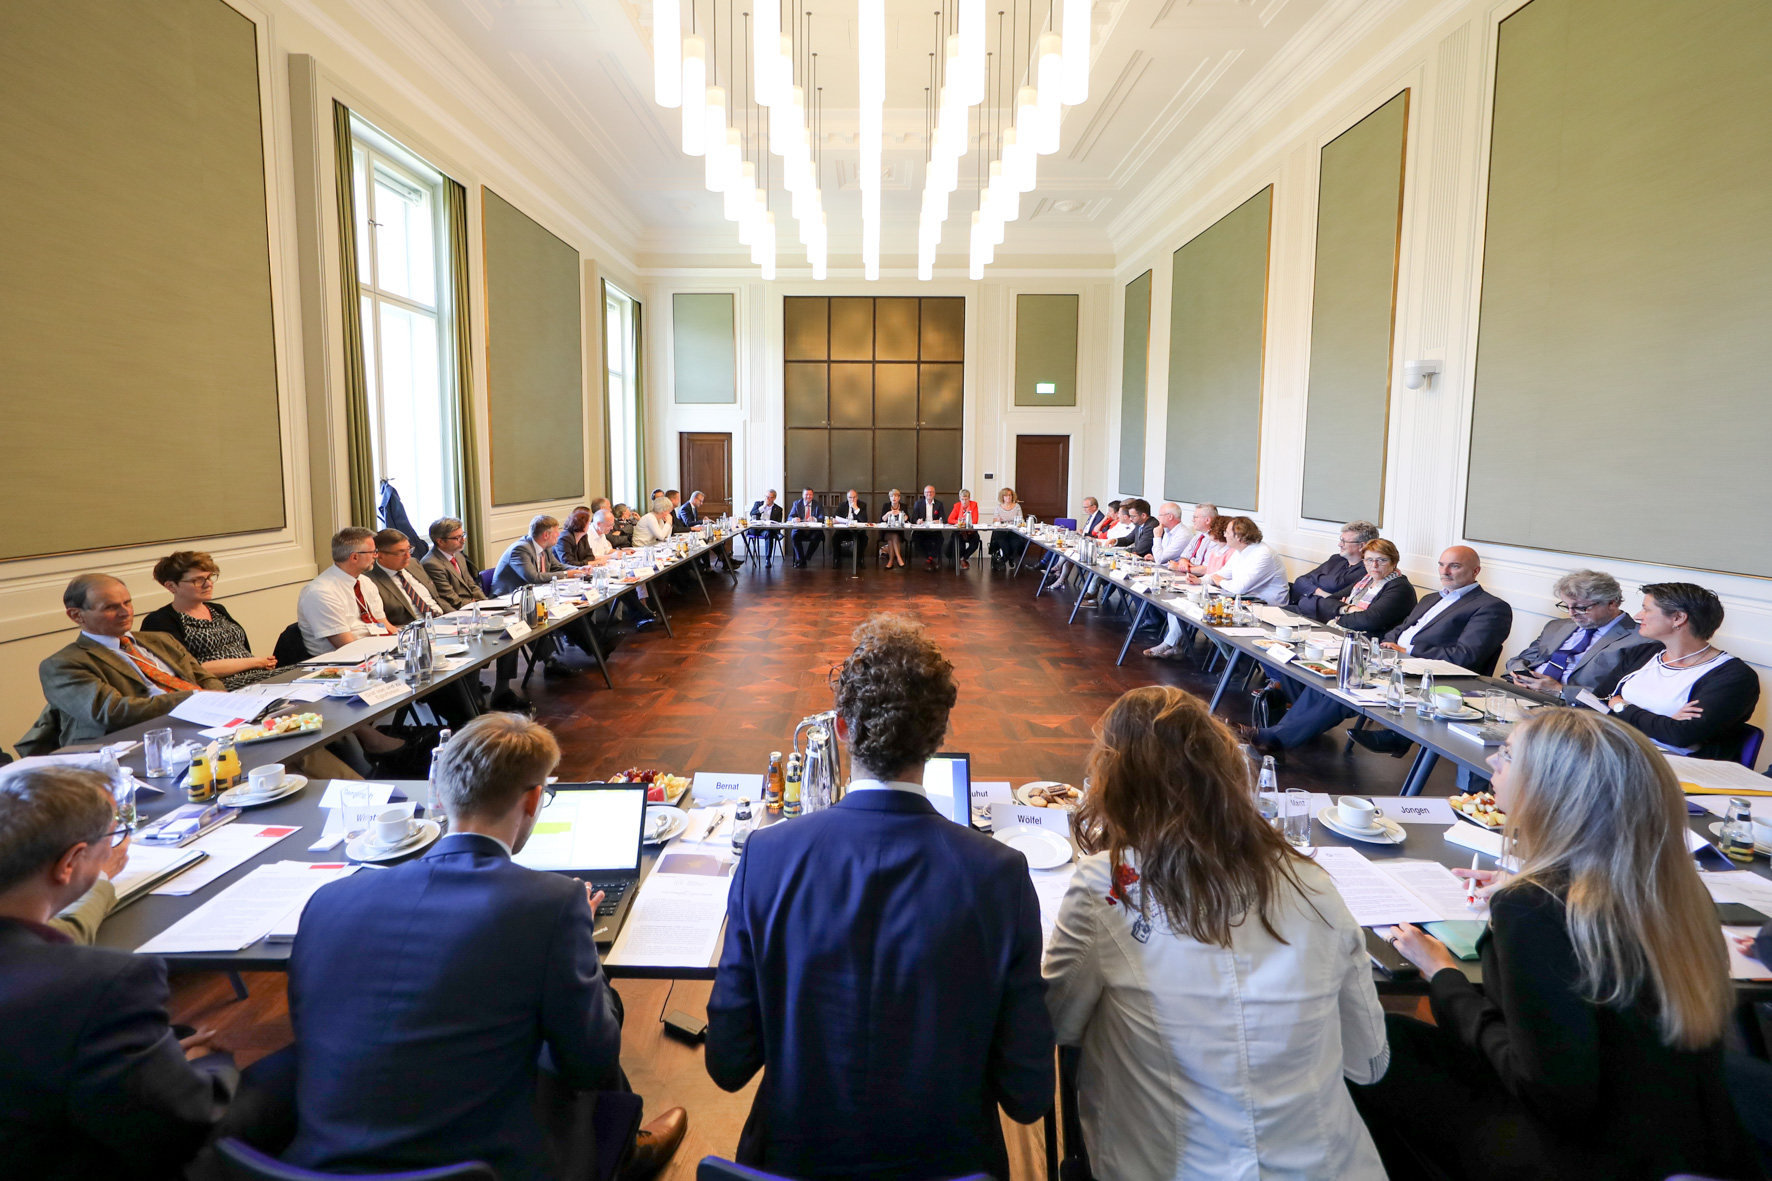 Sondersitzung des Deutschen Nationalkomitees für Denkmalschutz (DNK) am 21. Juni 2018 in Berlin anlässlich des Summit zum Kulturerbejahr Sharing Heritage 2018. (Foto: DNK © Der Dehmel)